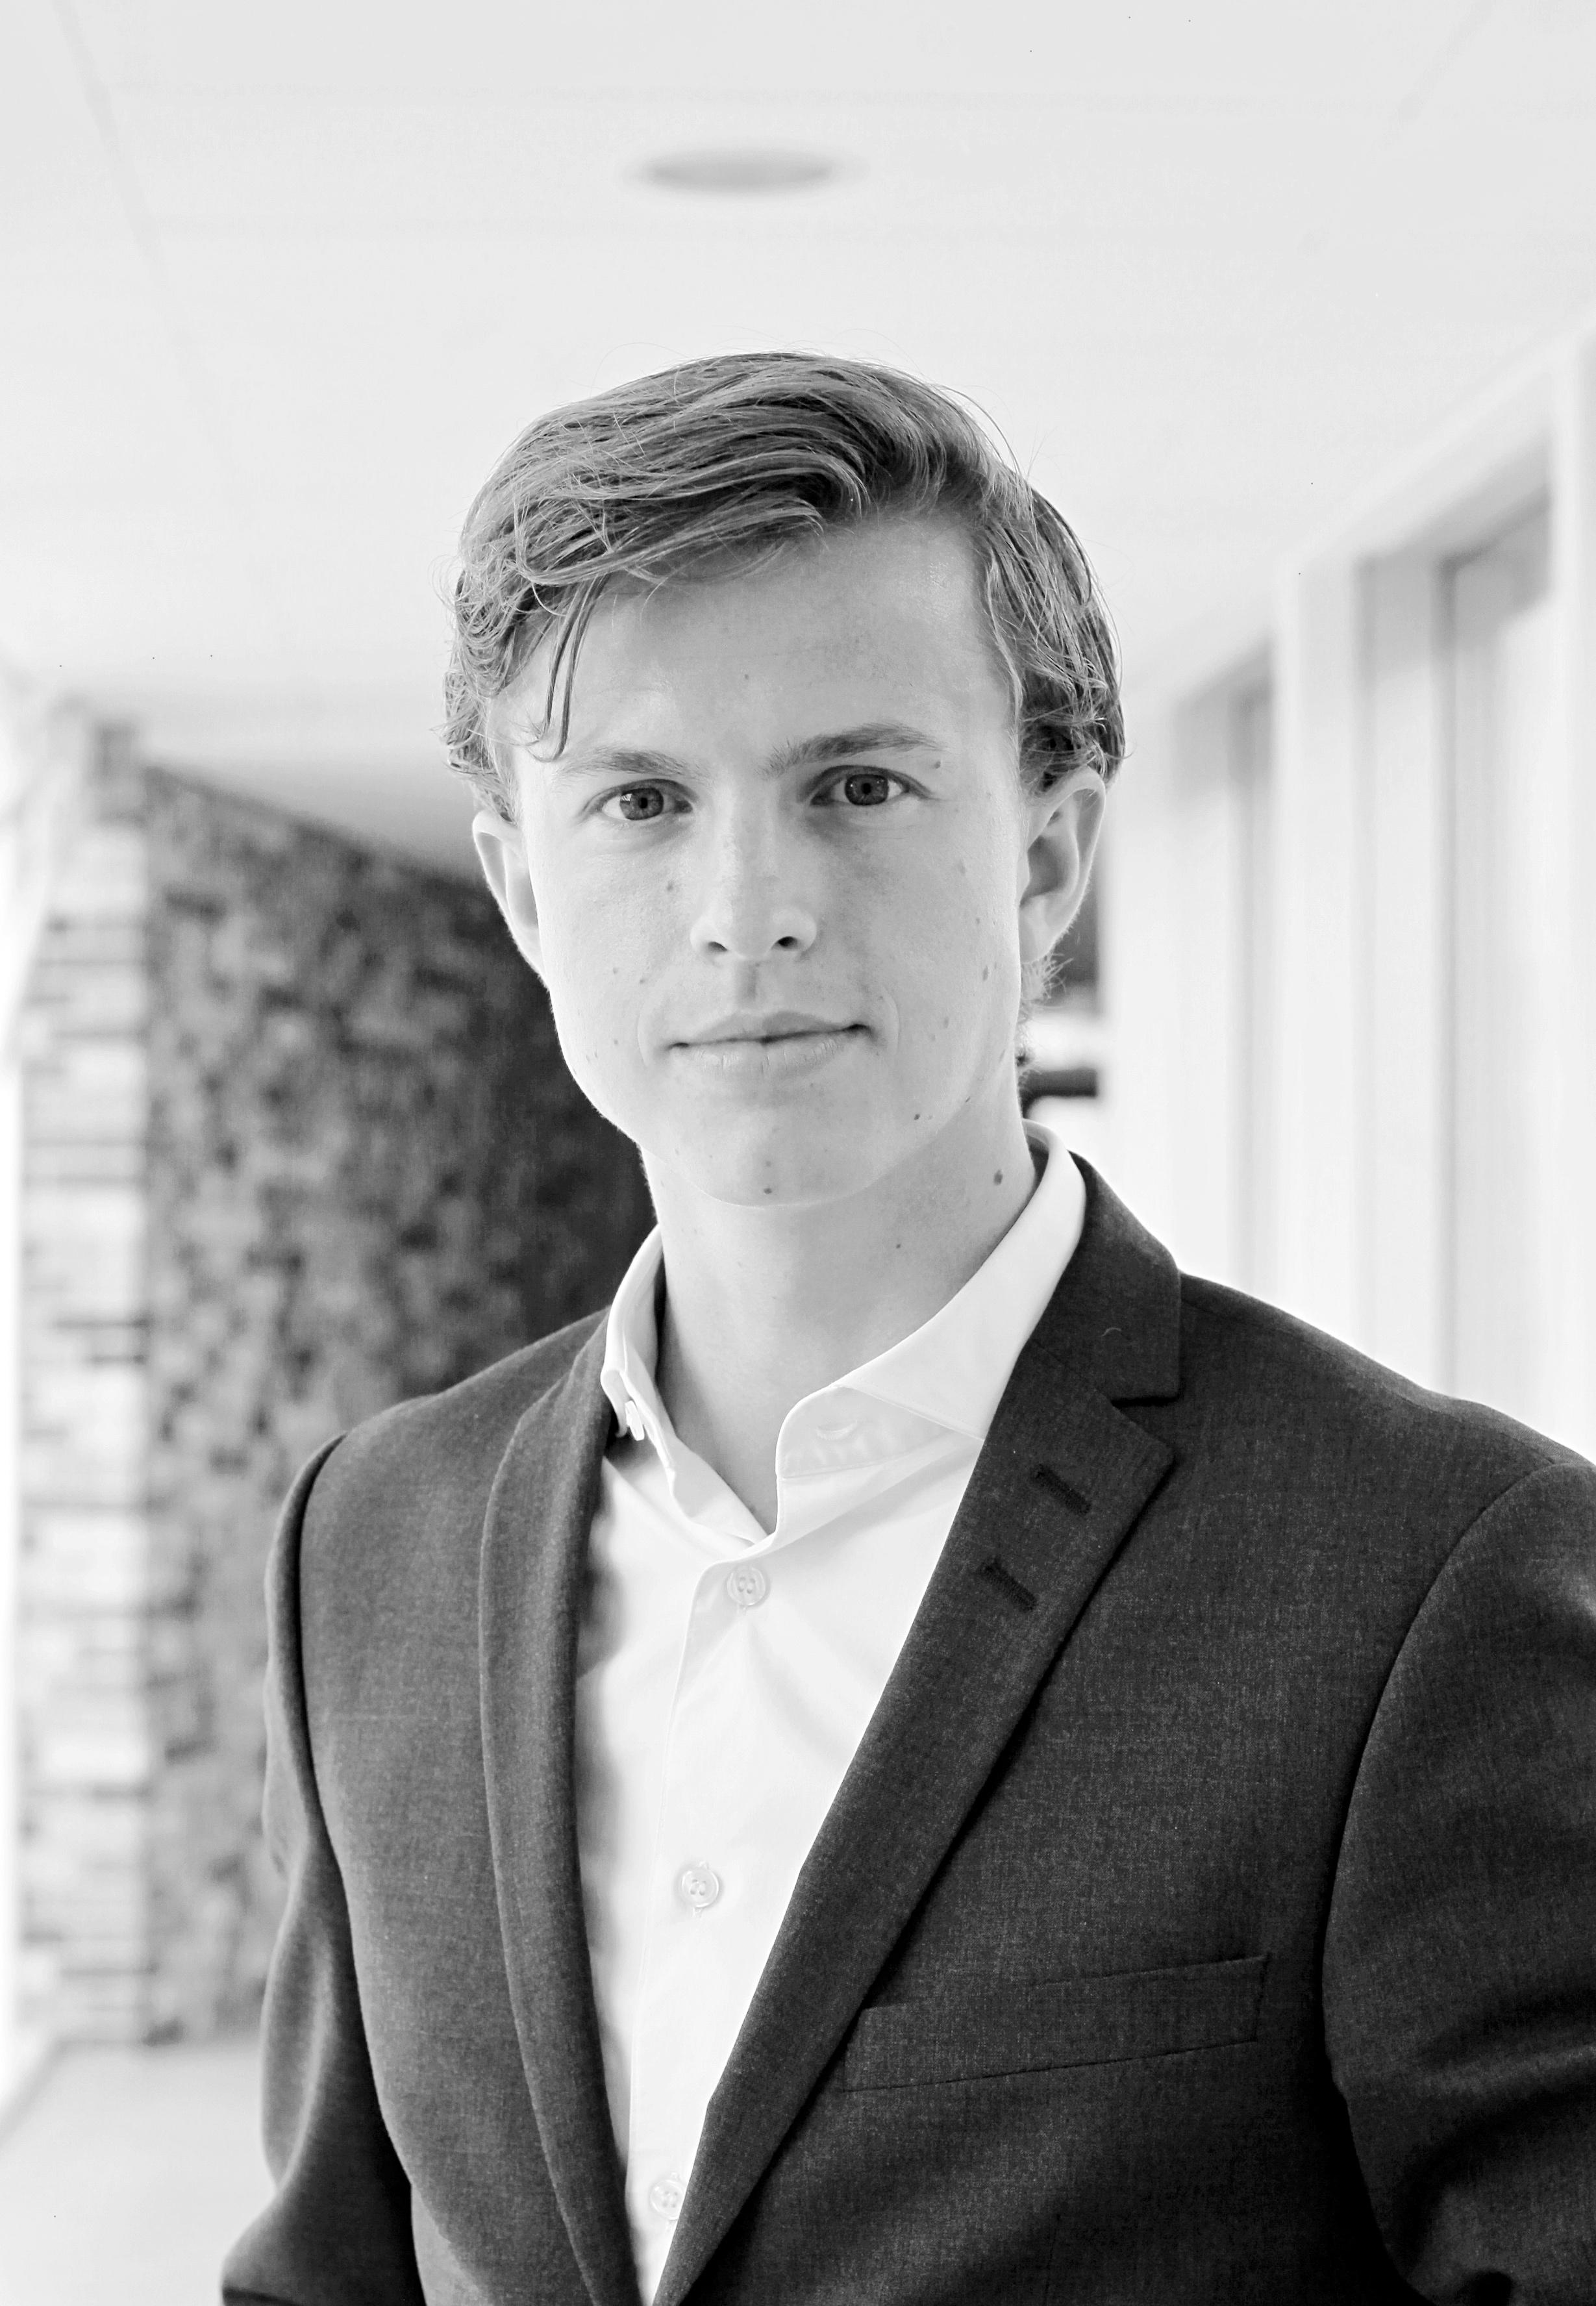 Tobias Nygaard Larsen